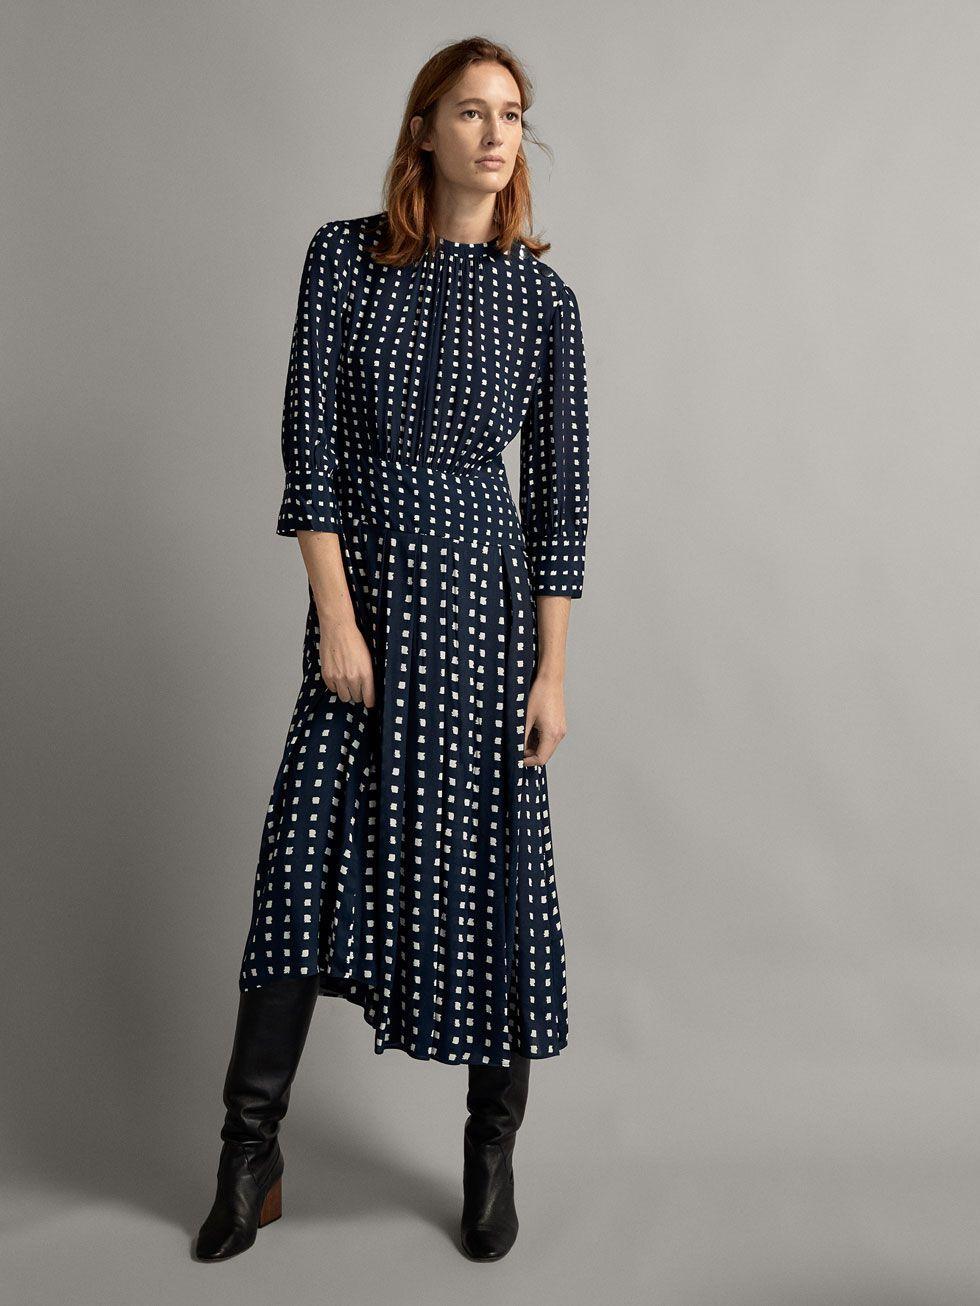 ae0e9ec9ef El vestido del otoño de Letizia vuelve a Massimo Dutti- ElleSpain